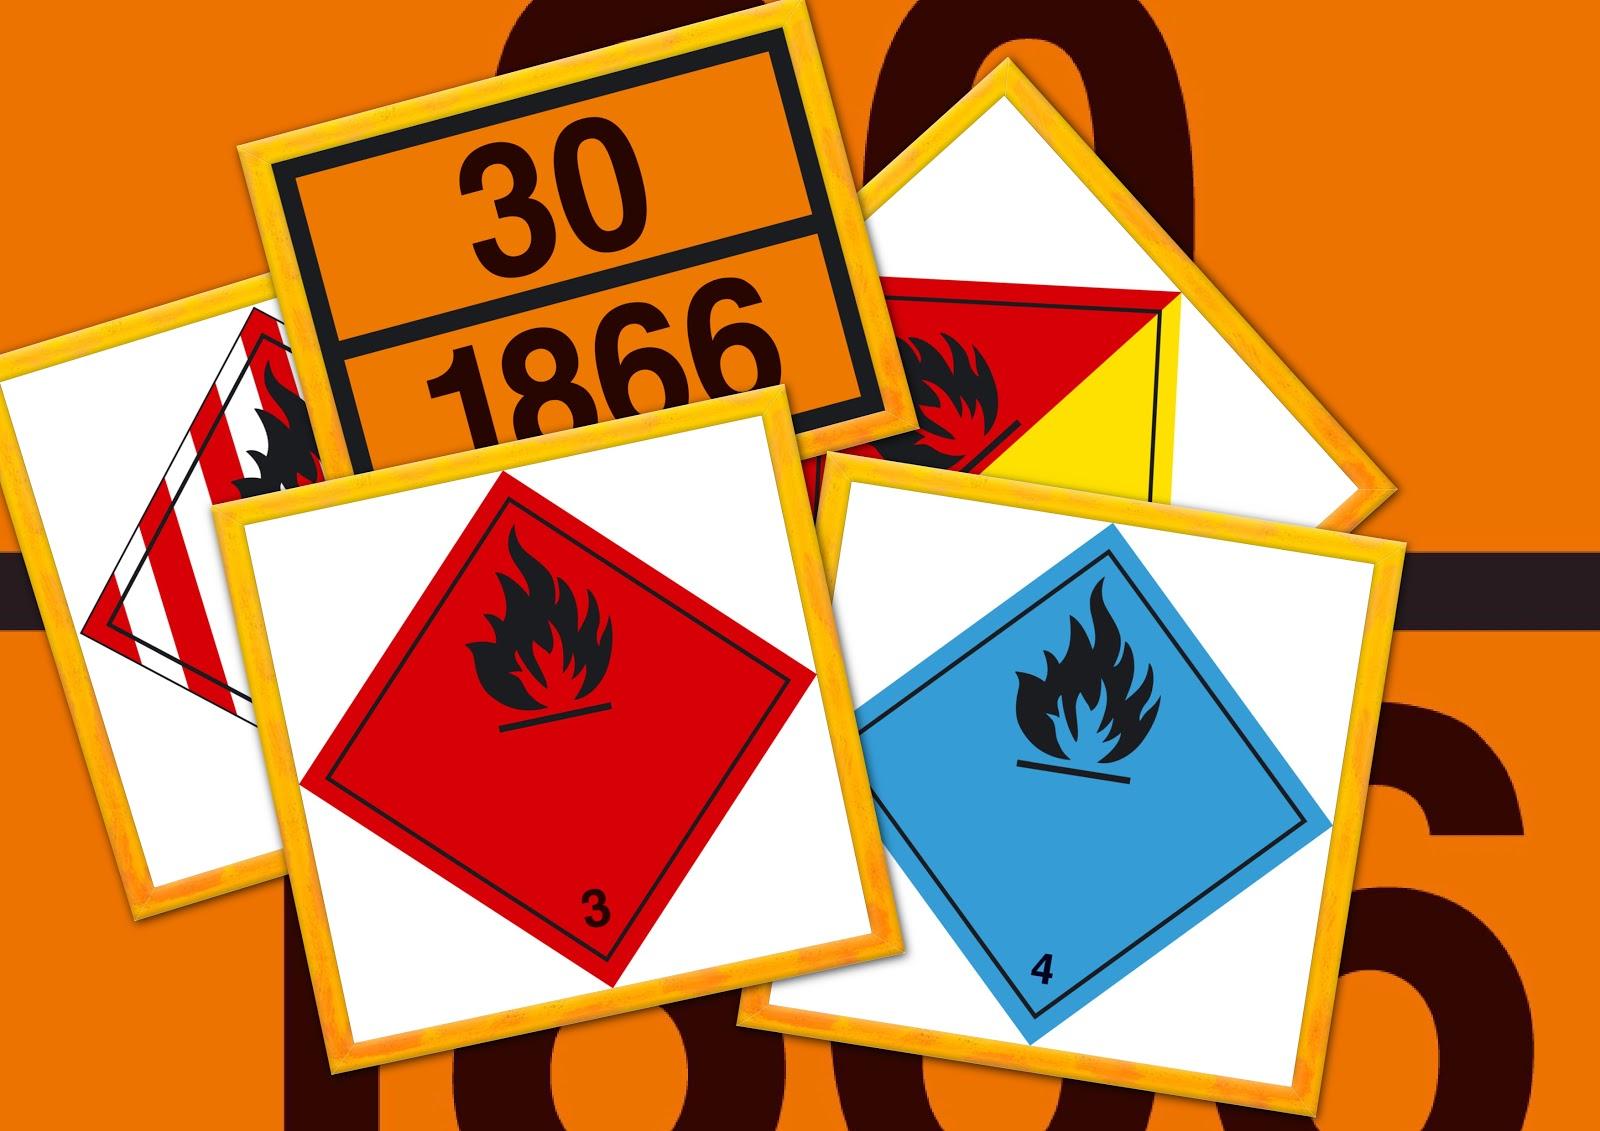 Trasporto merci pericolose e emergenza COVID-19:  Proroghe disposizioni in materia di CFP ADR e RID